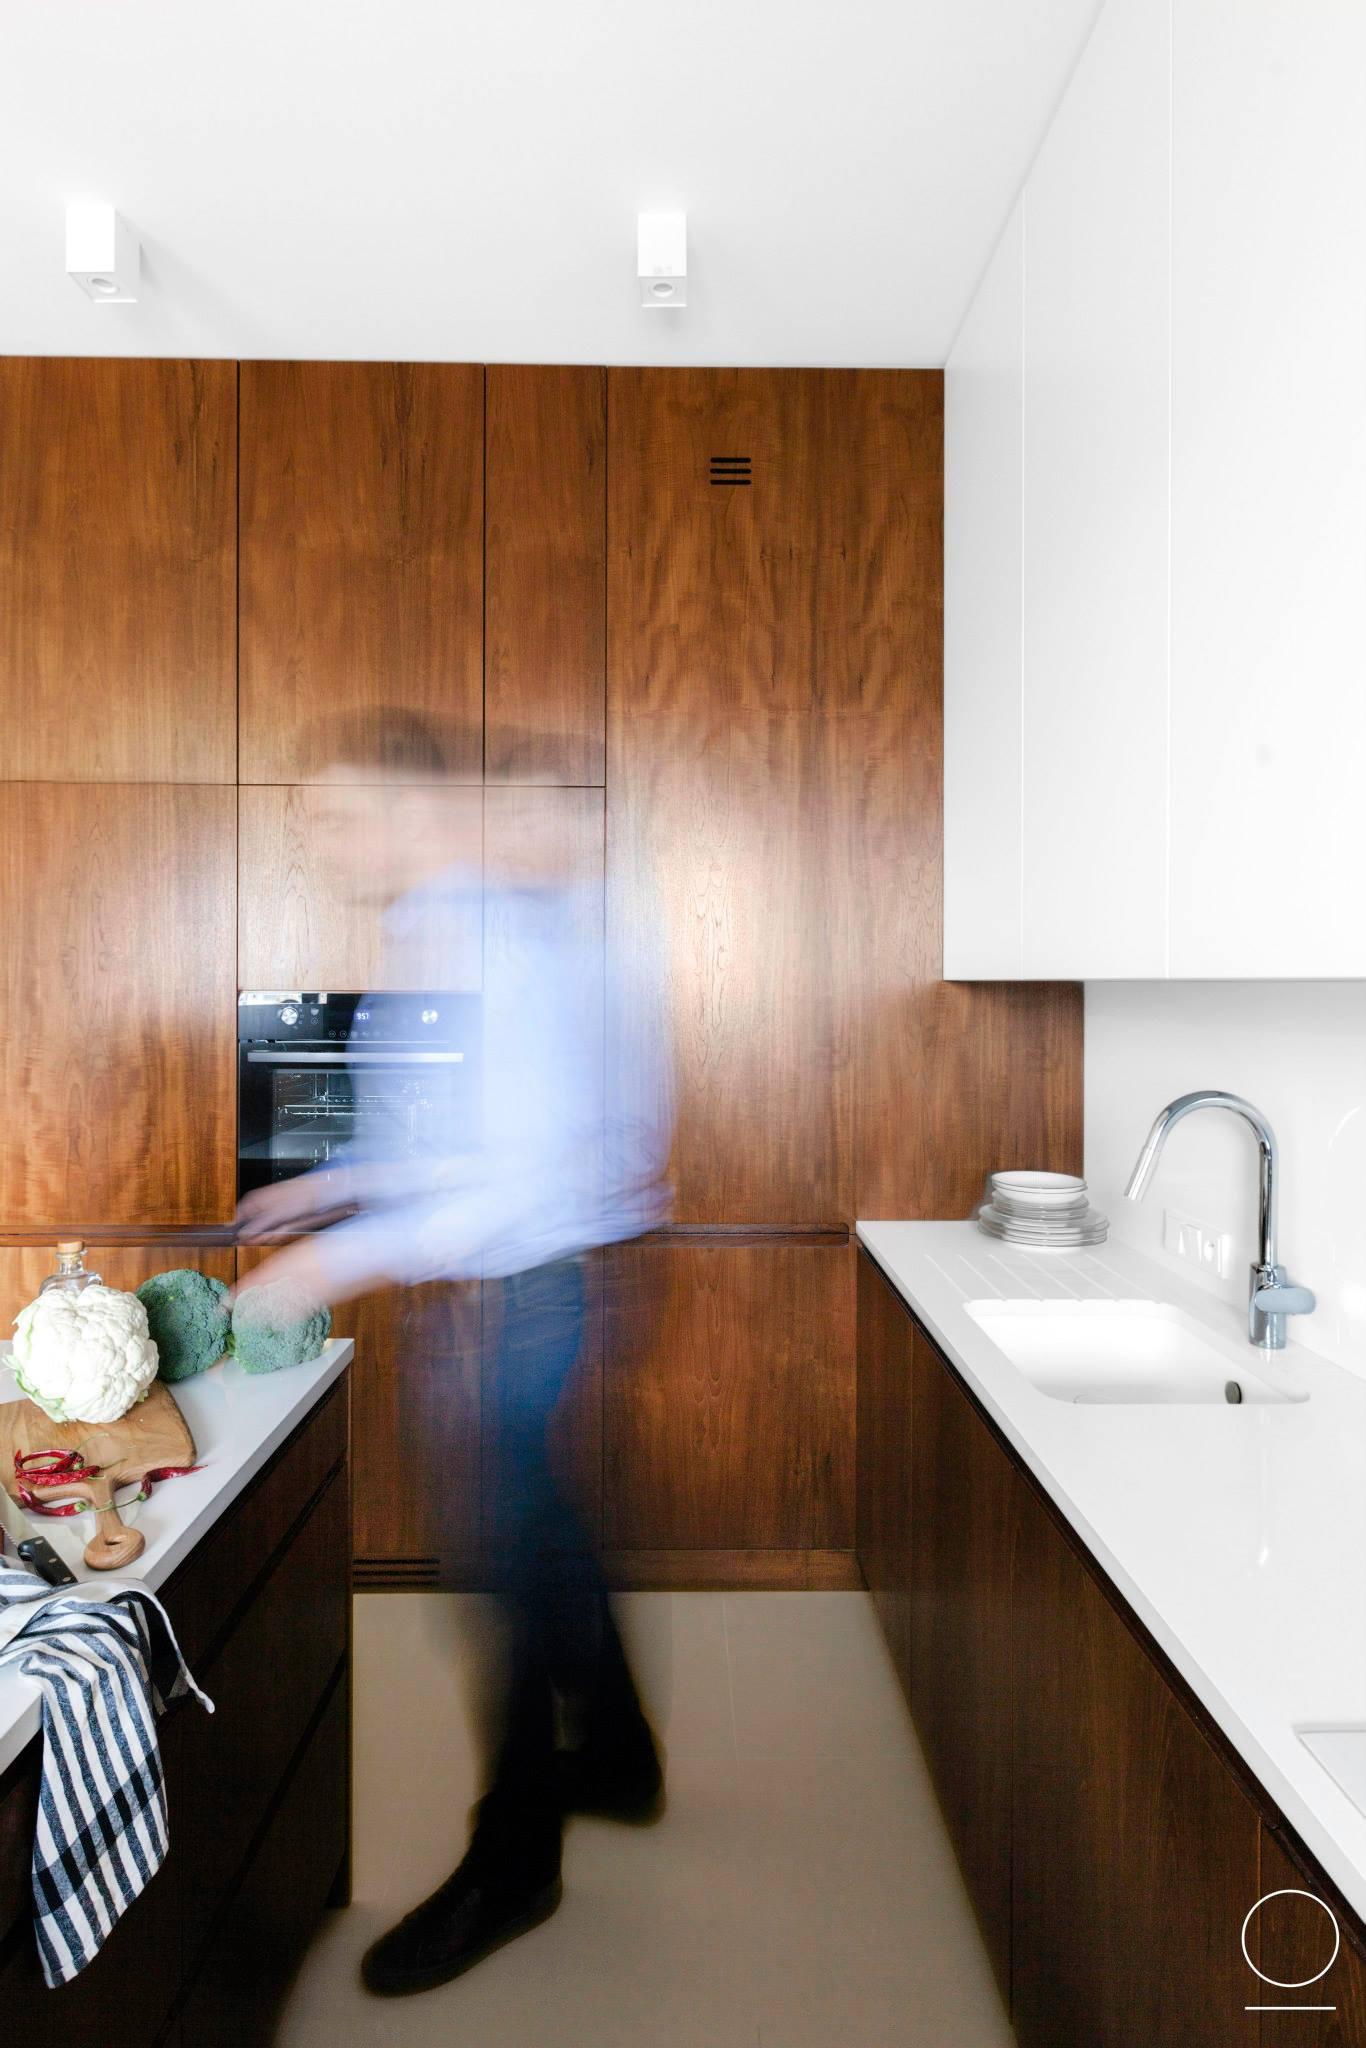 oikoi modern apartment11 Pokorna Apartments by Oikoi Studio